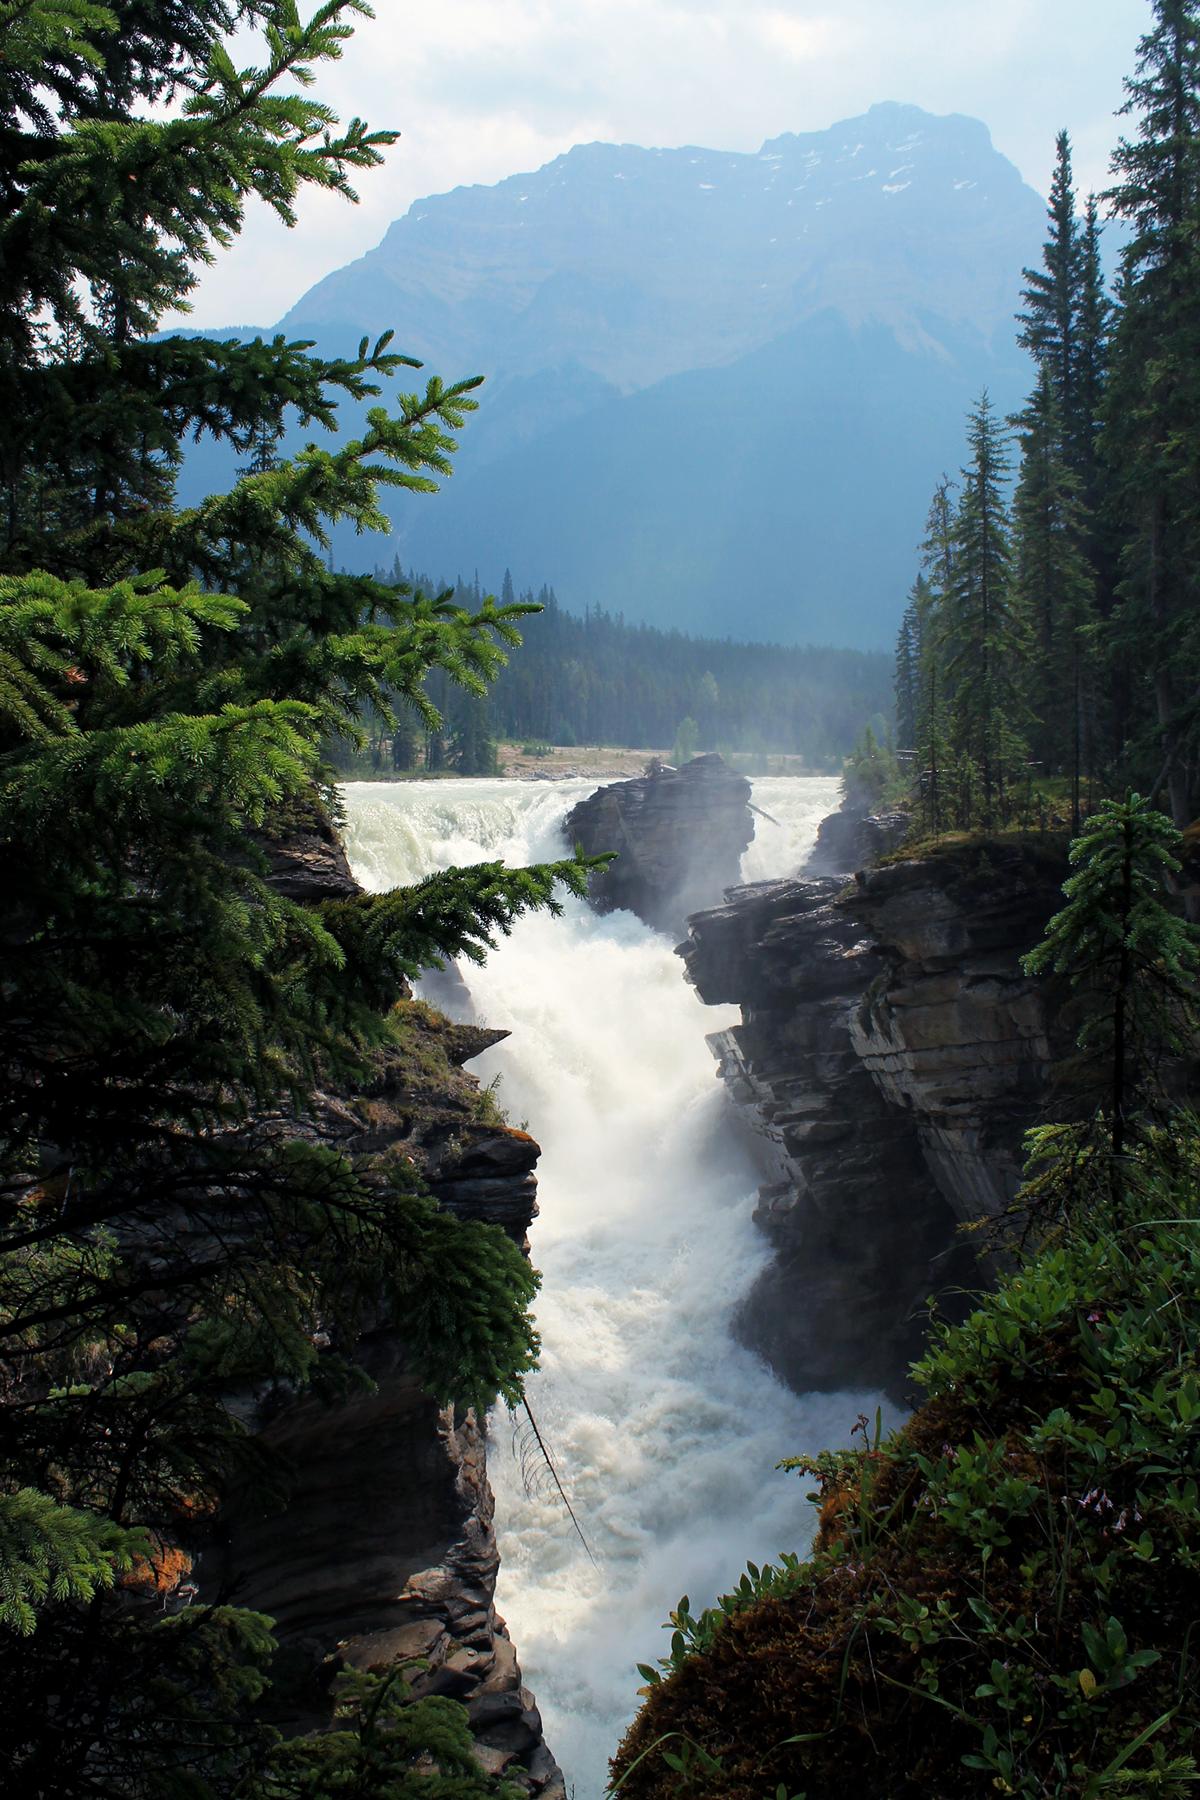 sunwapta falls canada 2